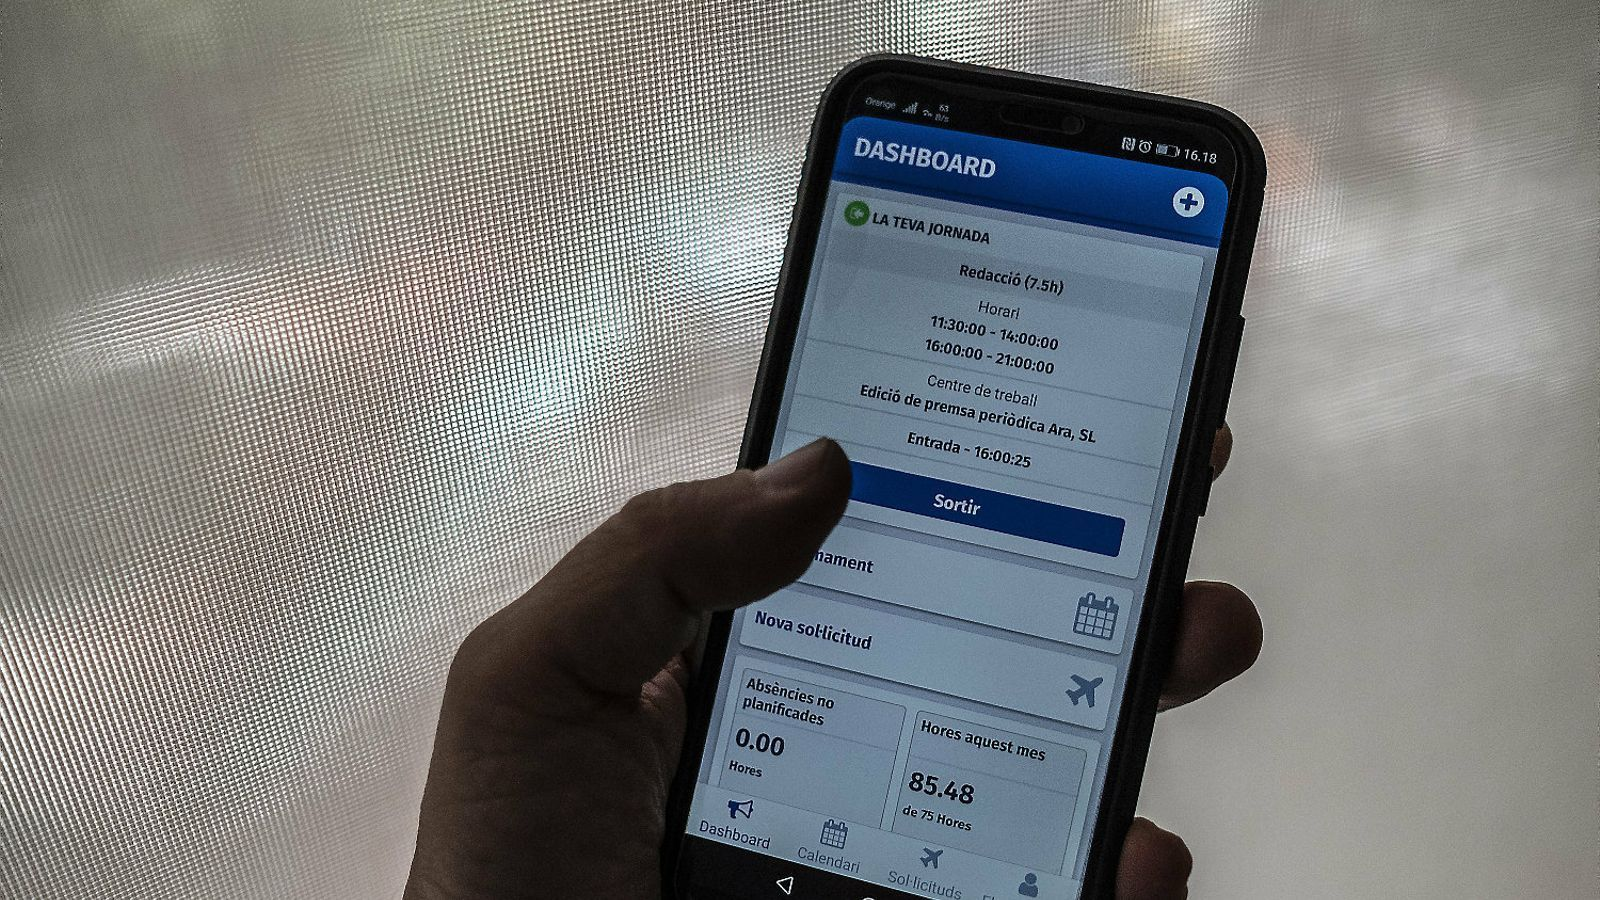 Woffu és una aplicació de mòbil que permet registrar la jornada laboral.